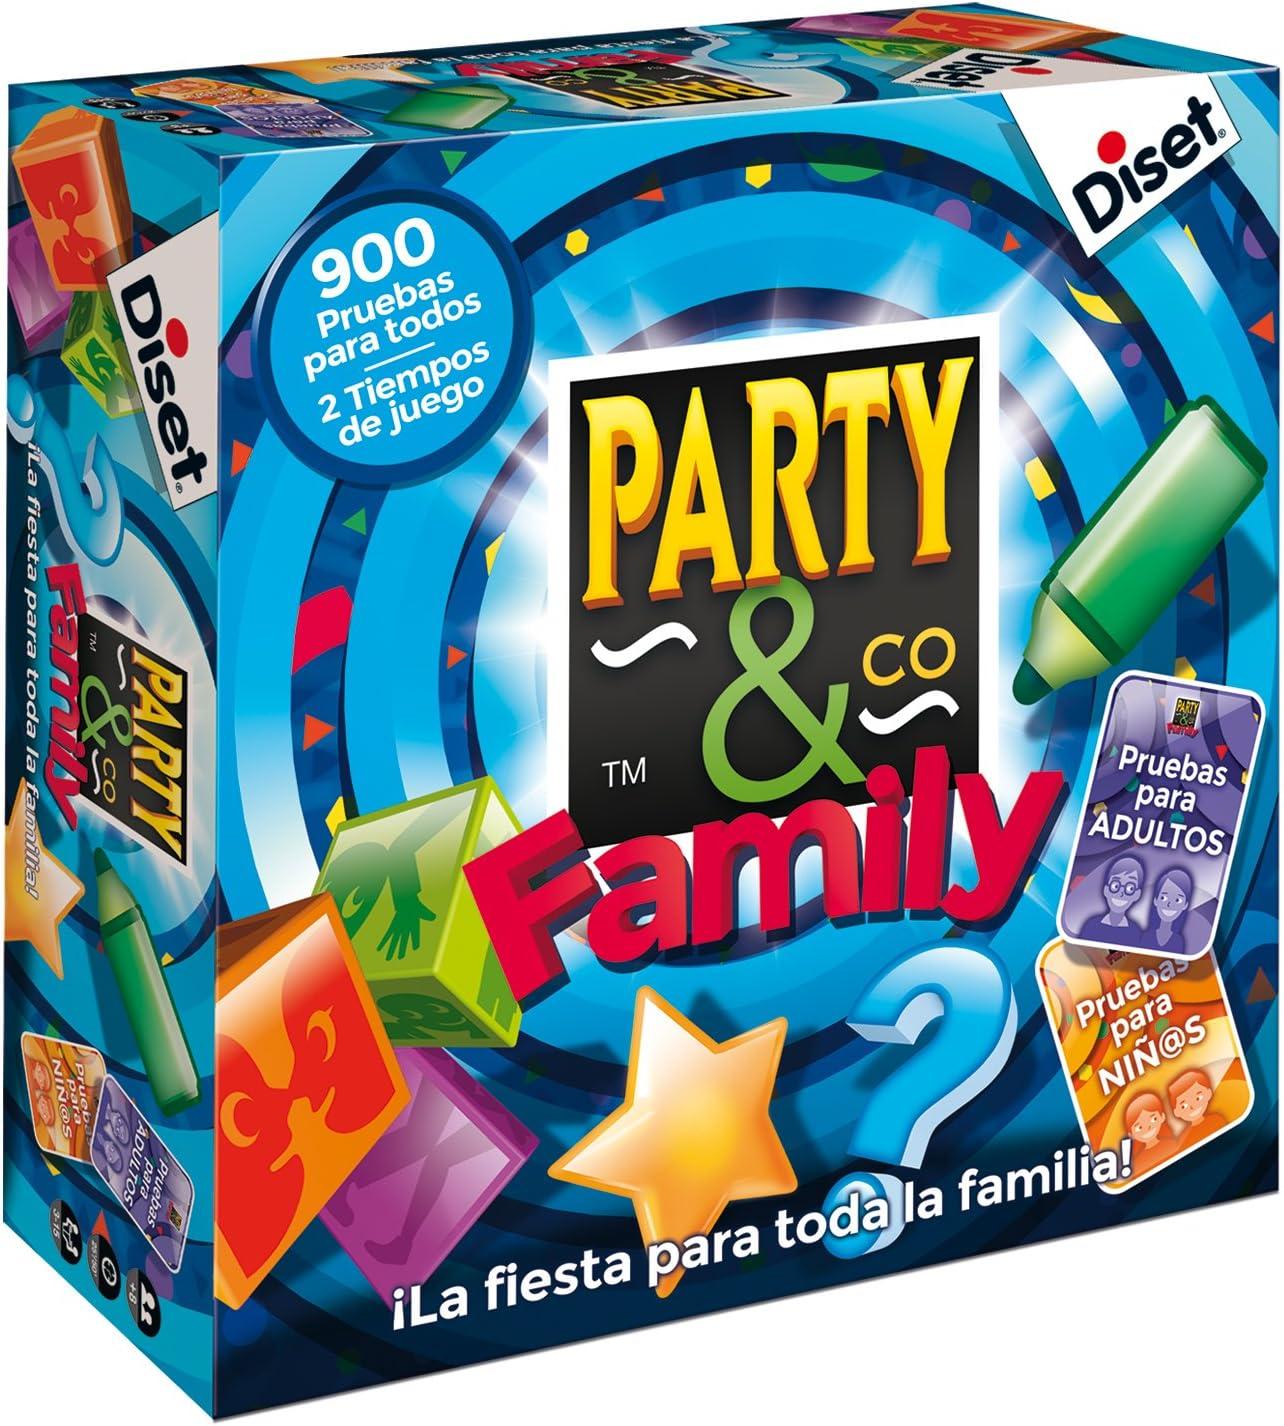 Diset- Juego Party & Co Family (10118): Amazon.es: Juguetes y juegos